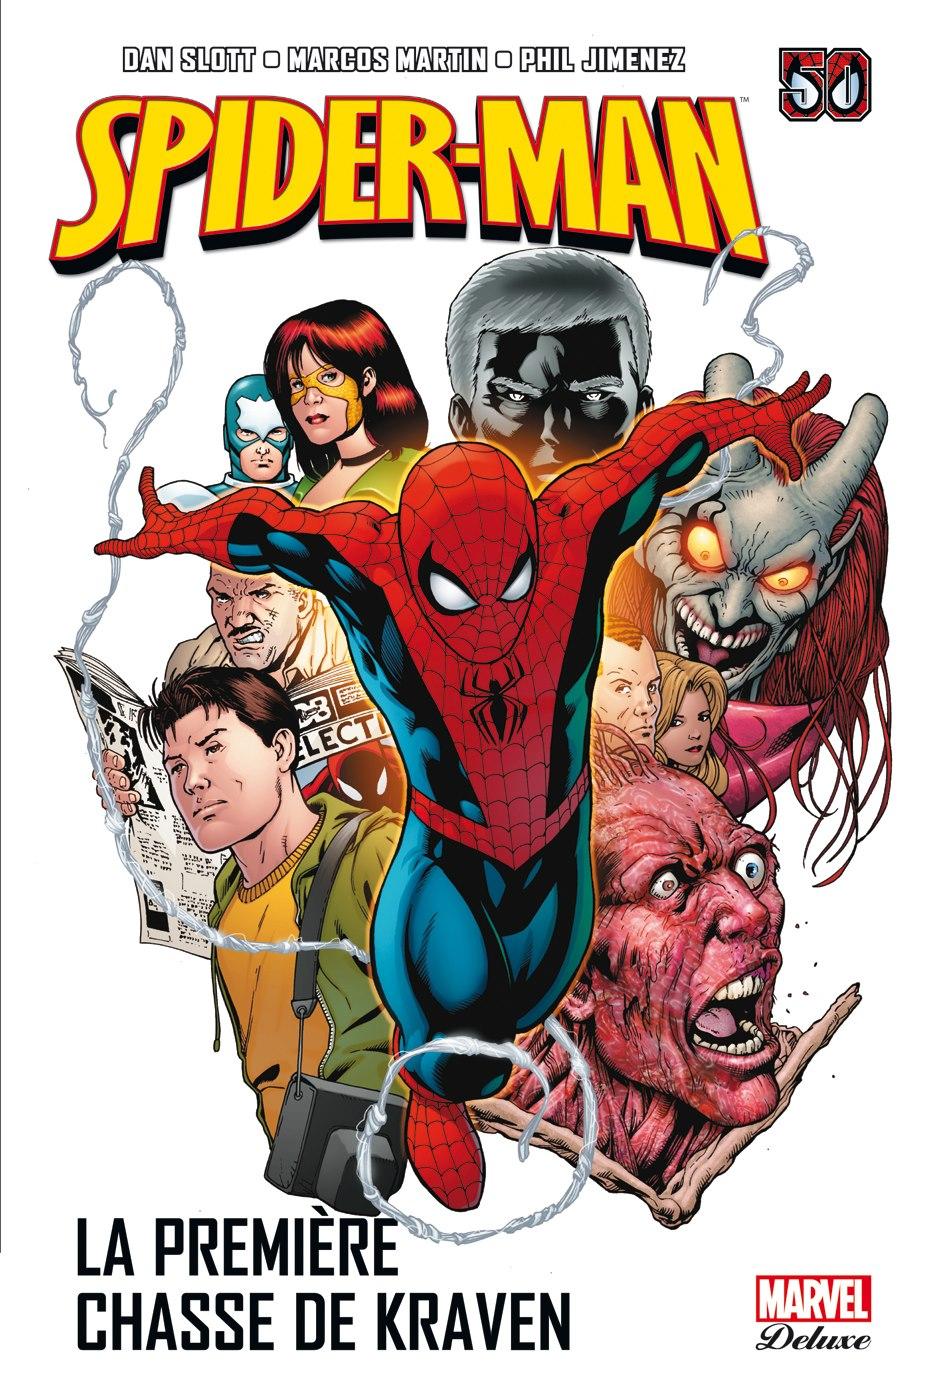 Spider-Man 2 - La Première Chasse de Kraven